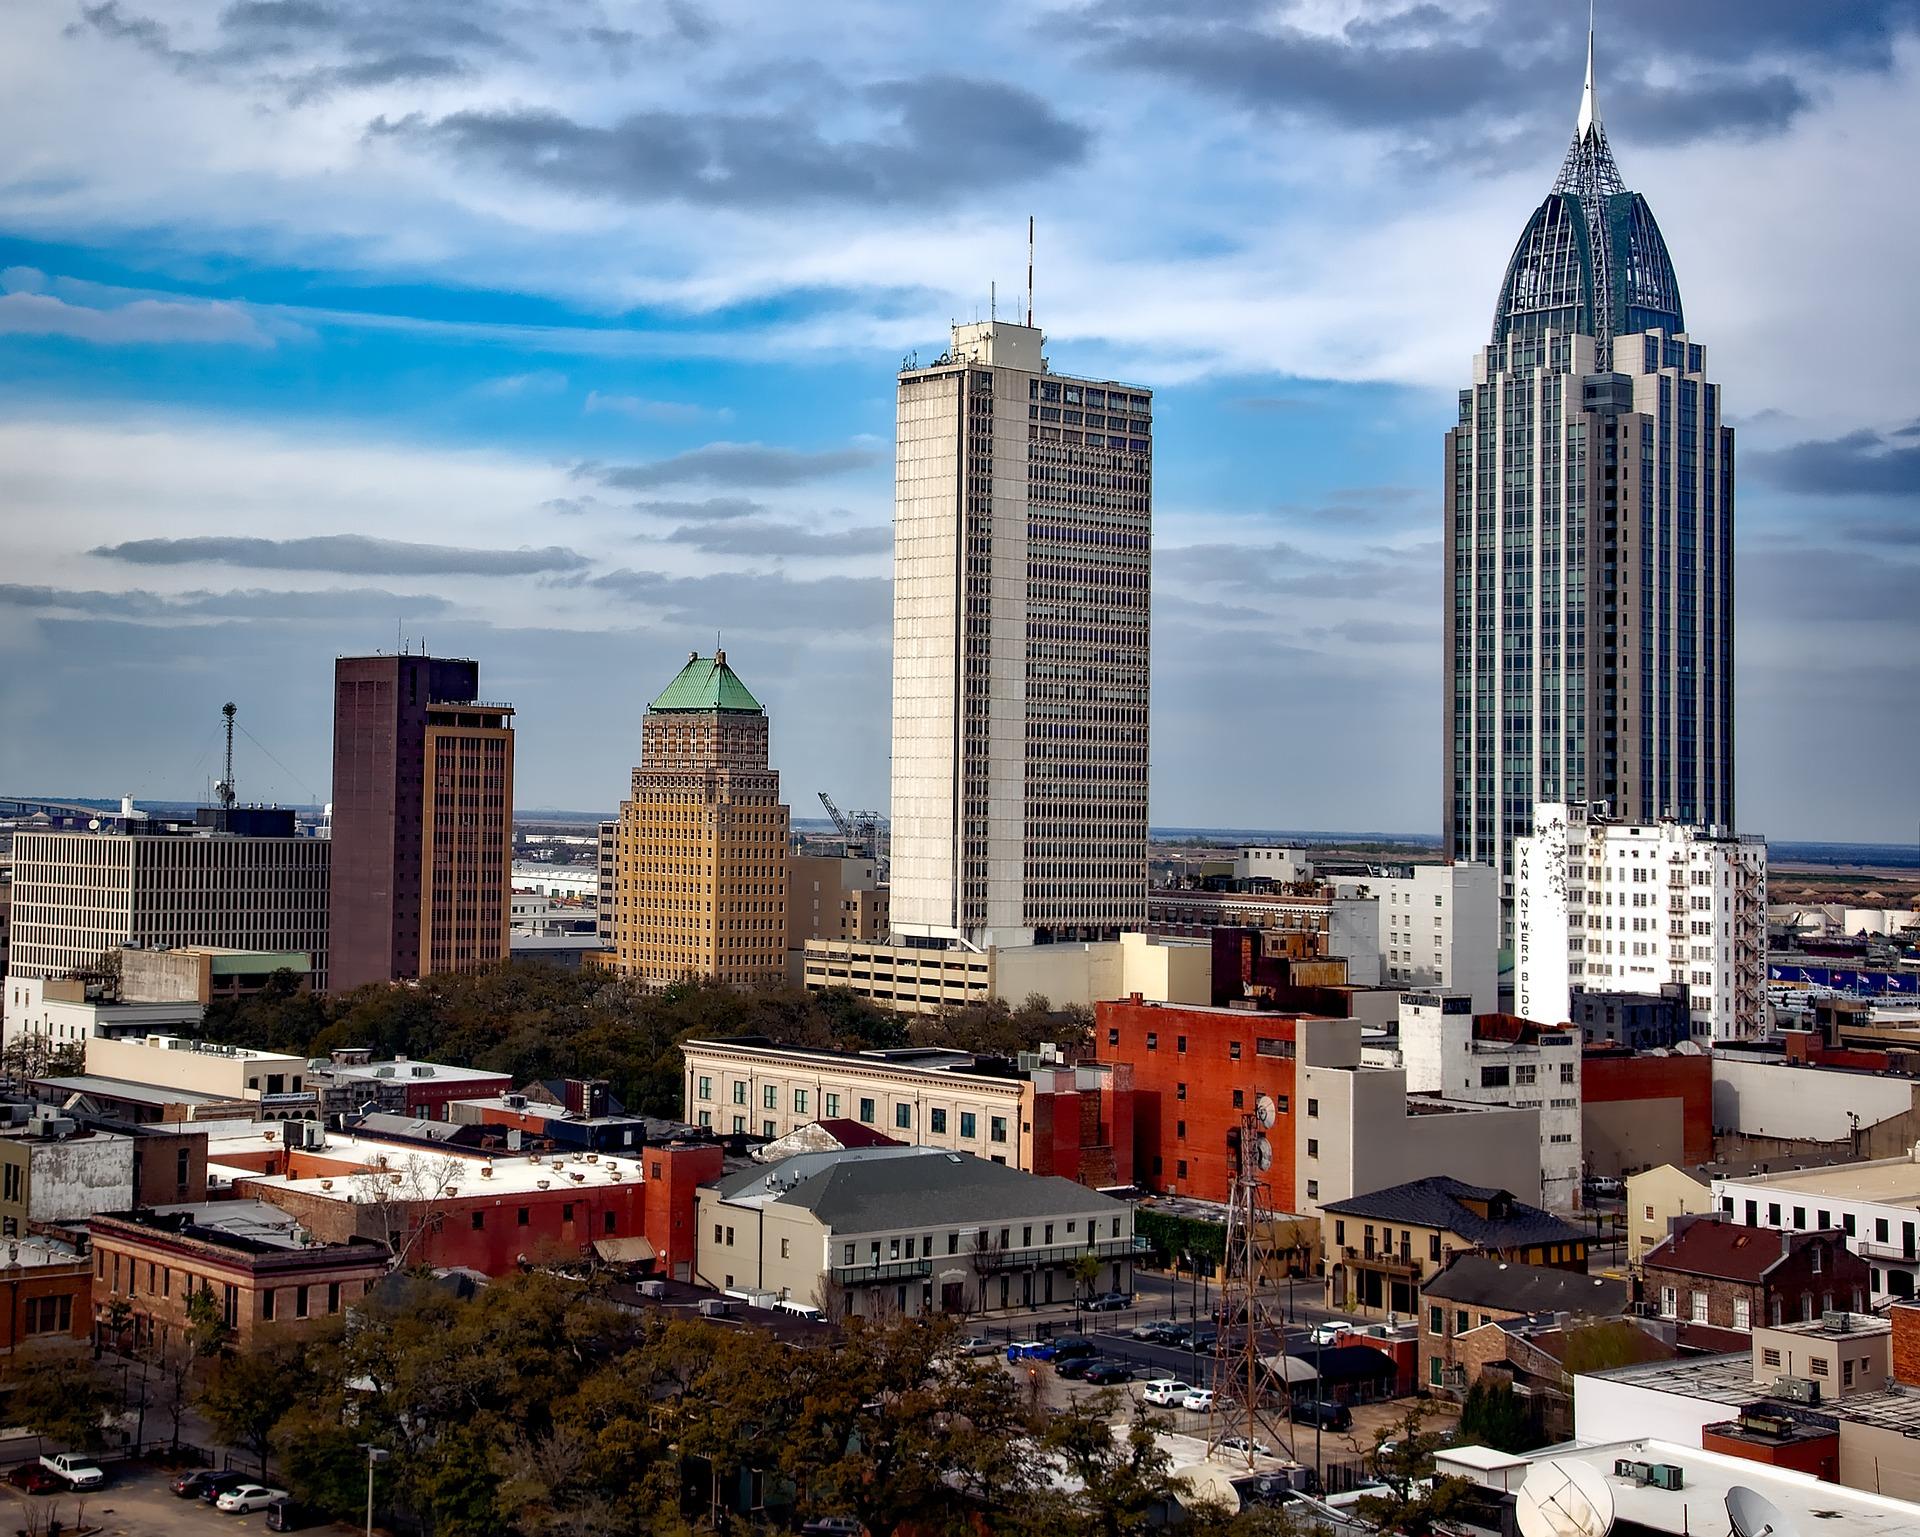 Mobile, Alabama skyline